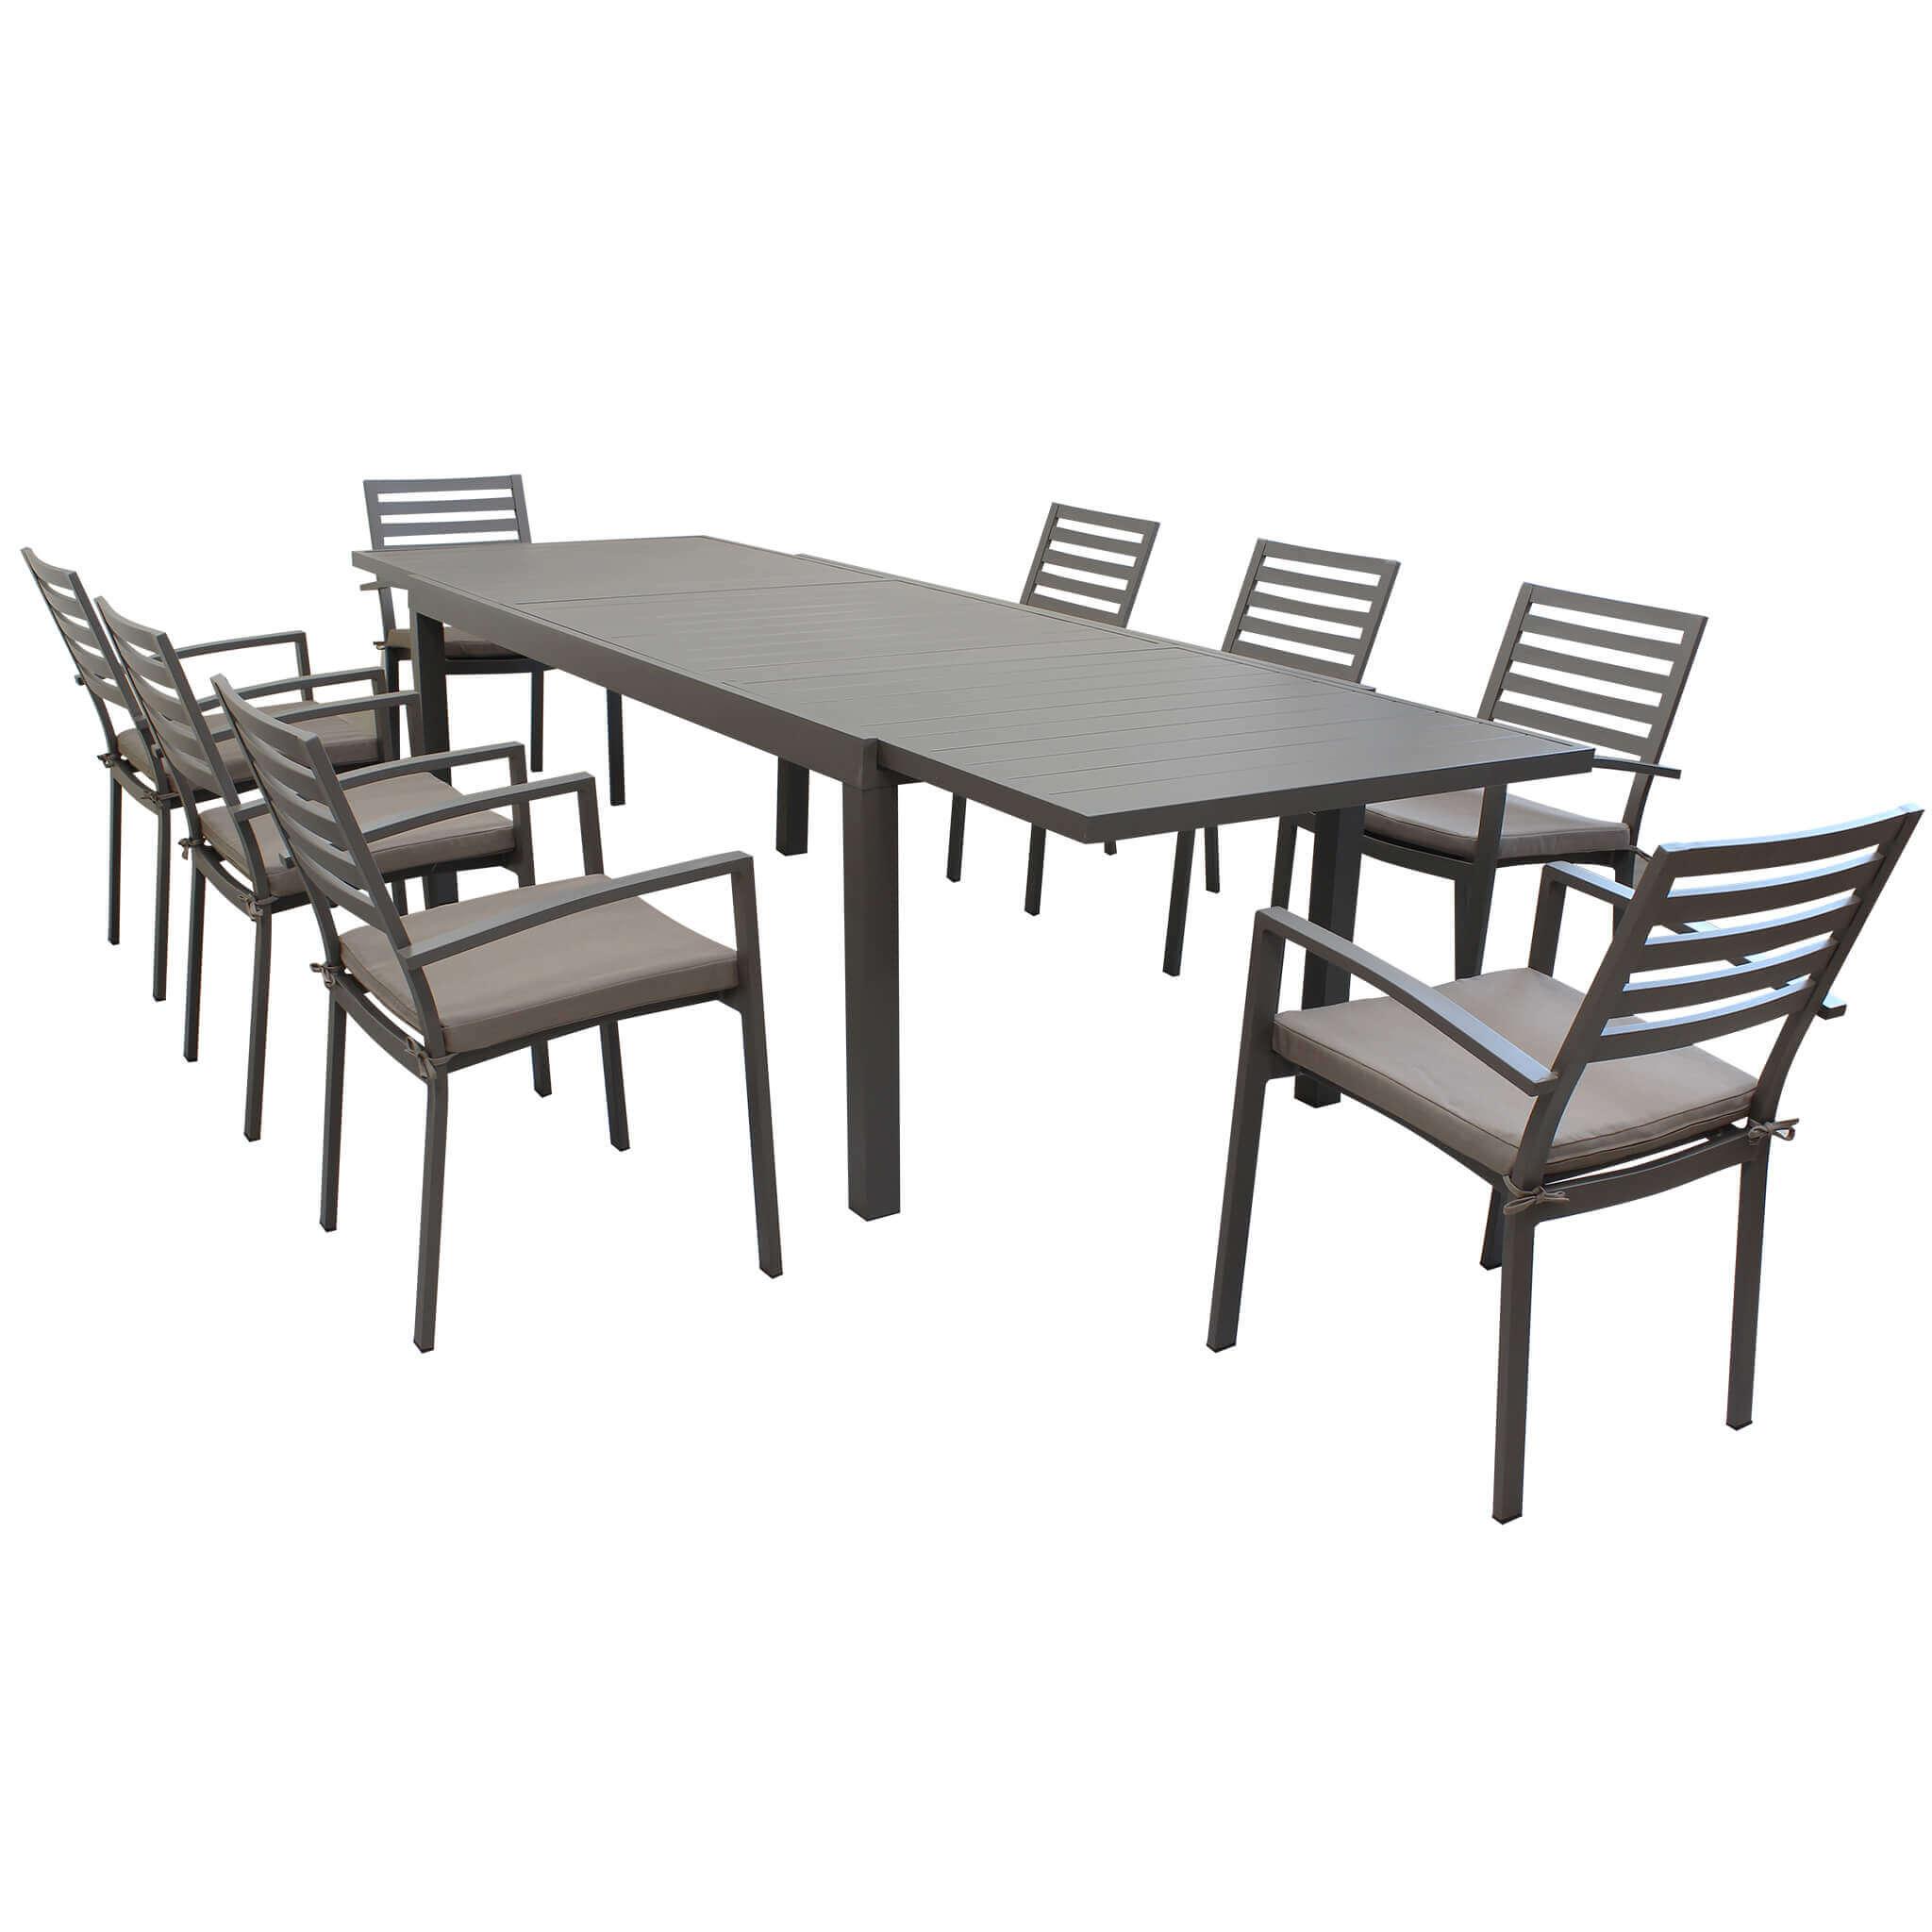 Milani Home DEXTER - set tavolo da giardino allungabile 200/300 x 100 compreso di 8 poltrone in alluminio